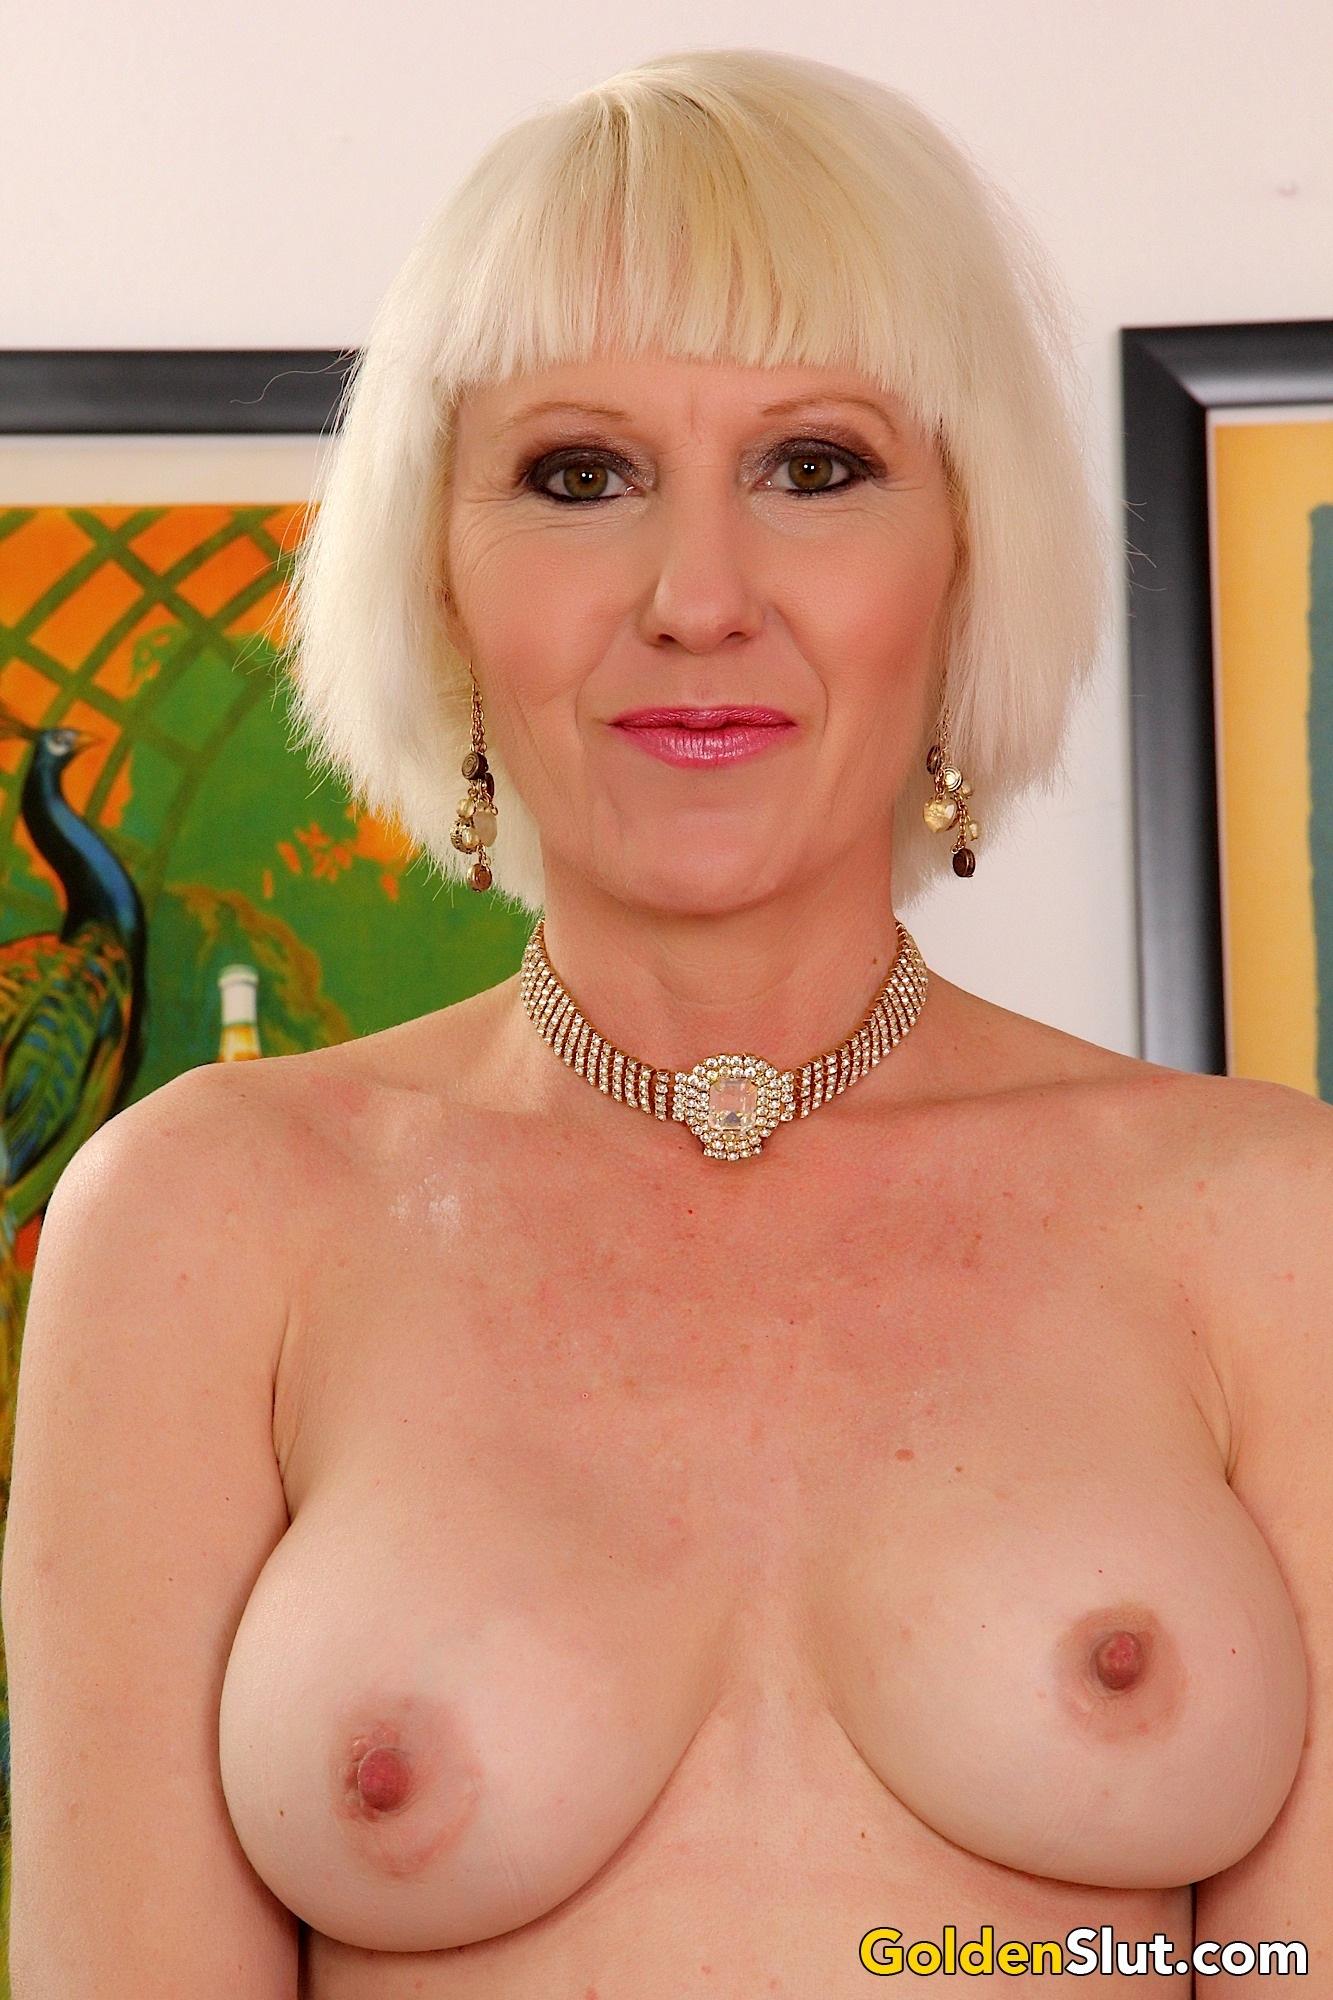 Sexy Granny Dalny Marga Gets Naked  Golden Slut-9923